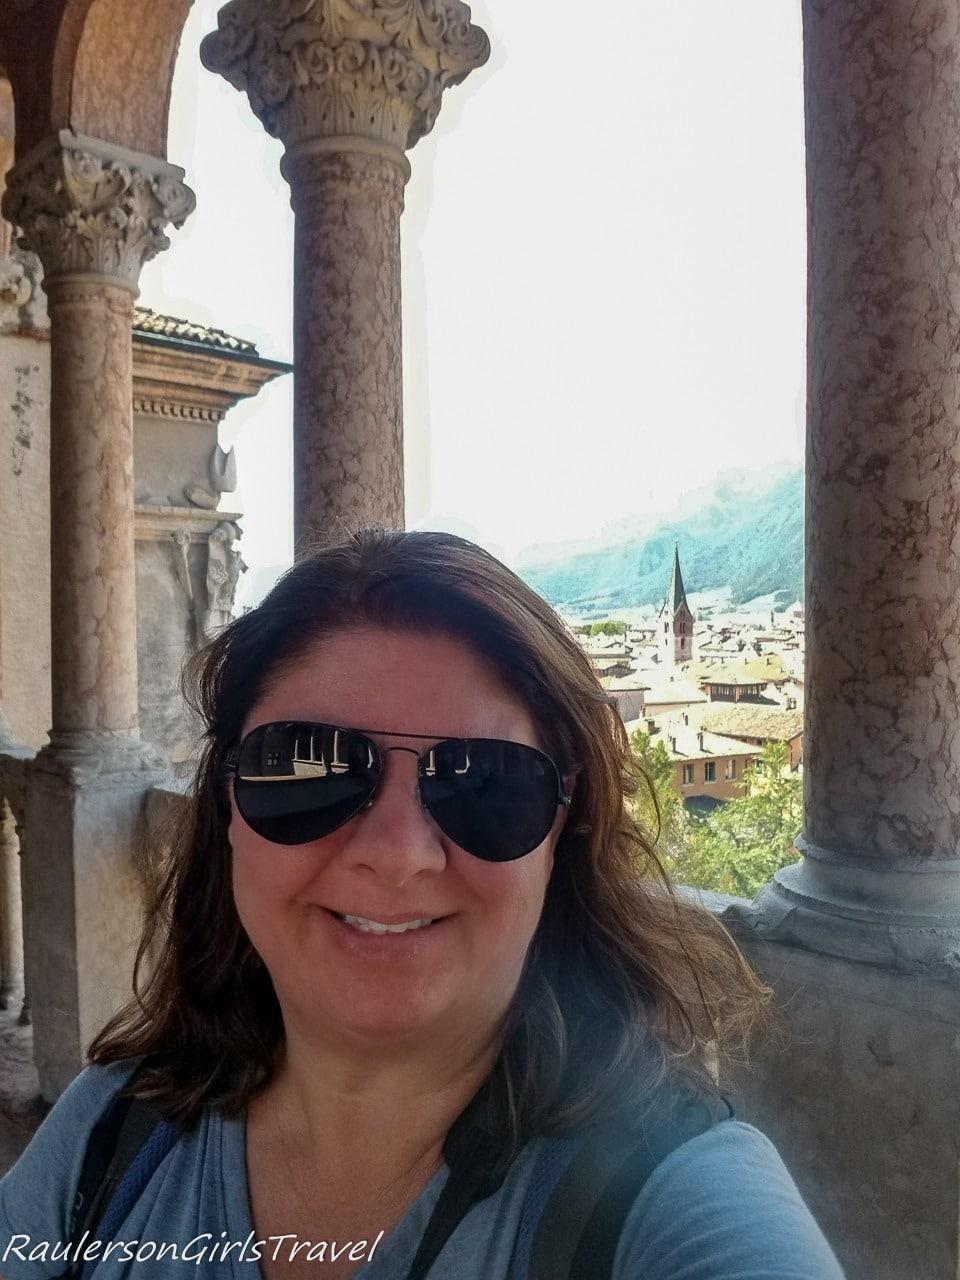 Heather in the Loggia del Romanino